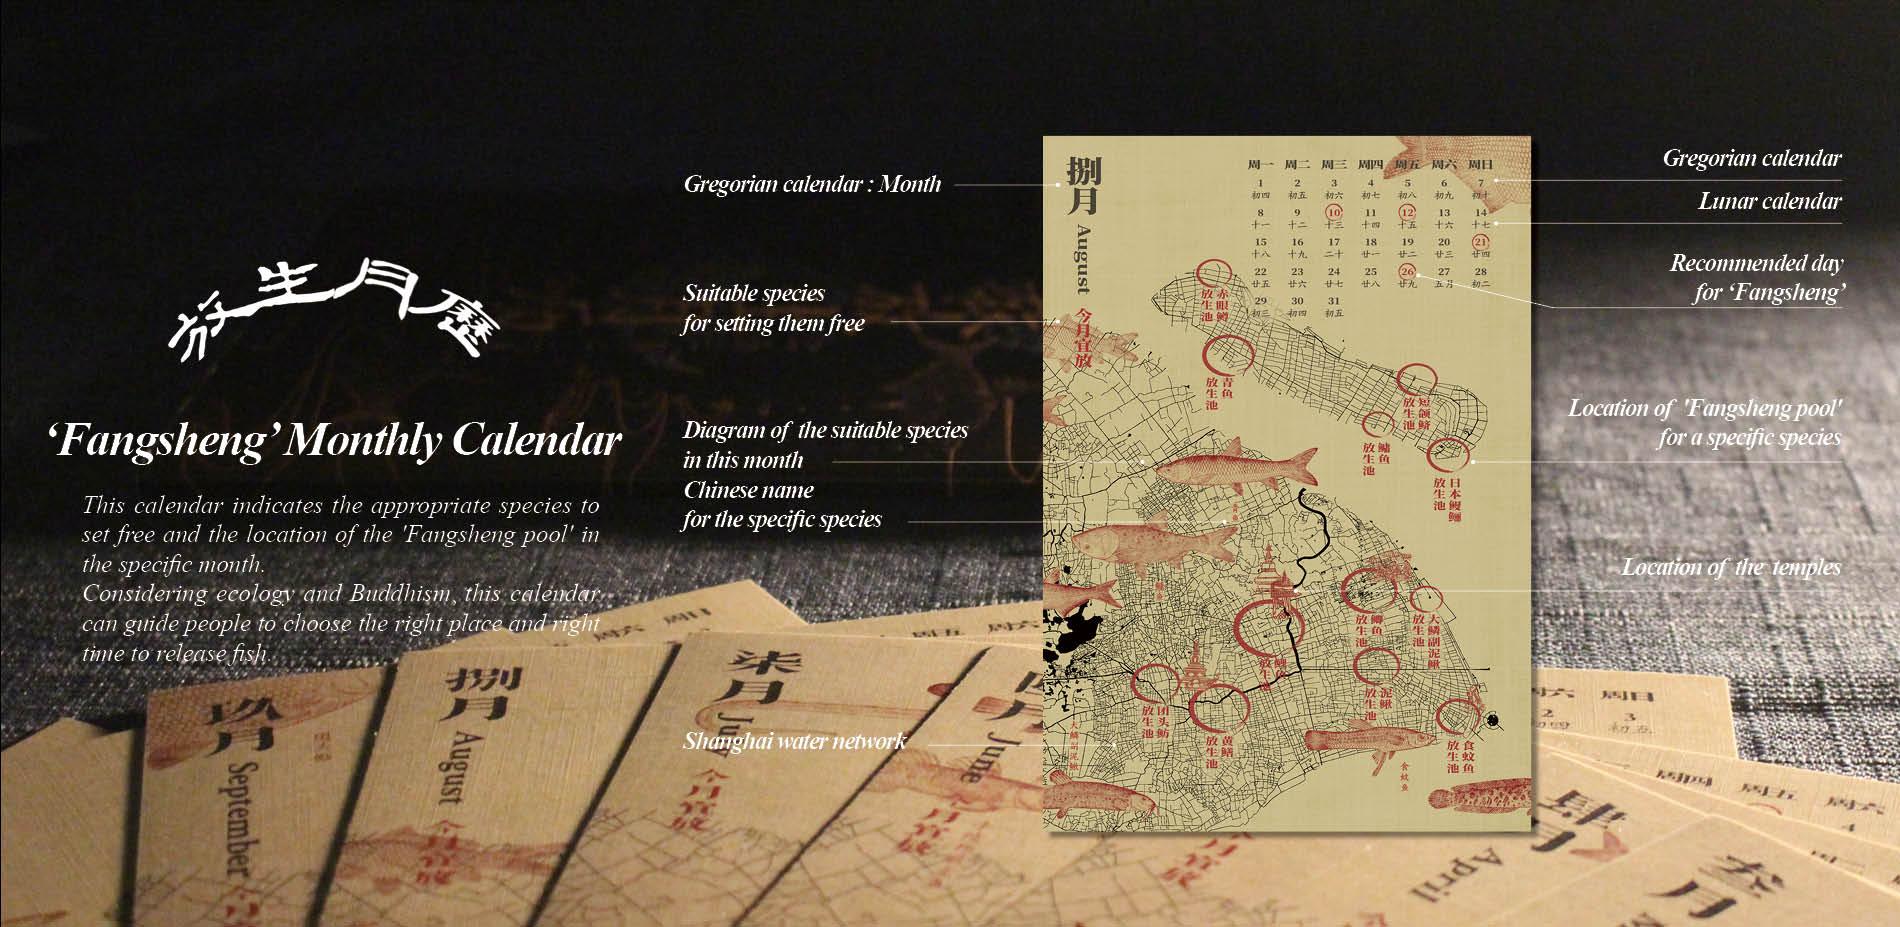 The Design of 'Fangsheng' Monthly Calendar